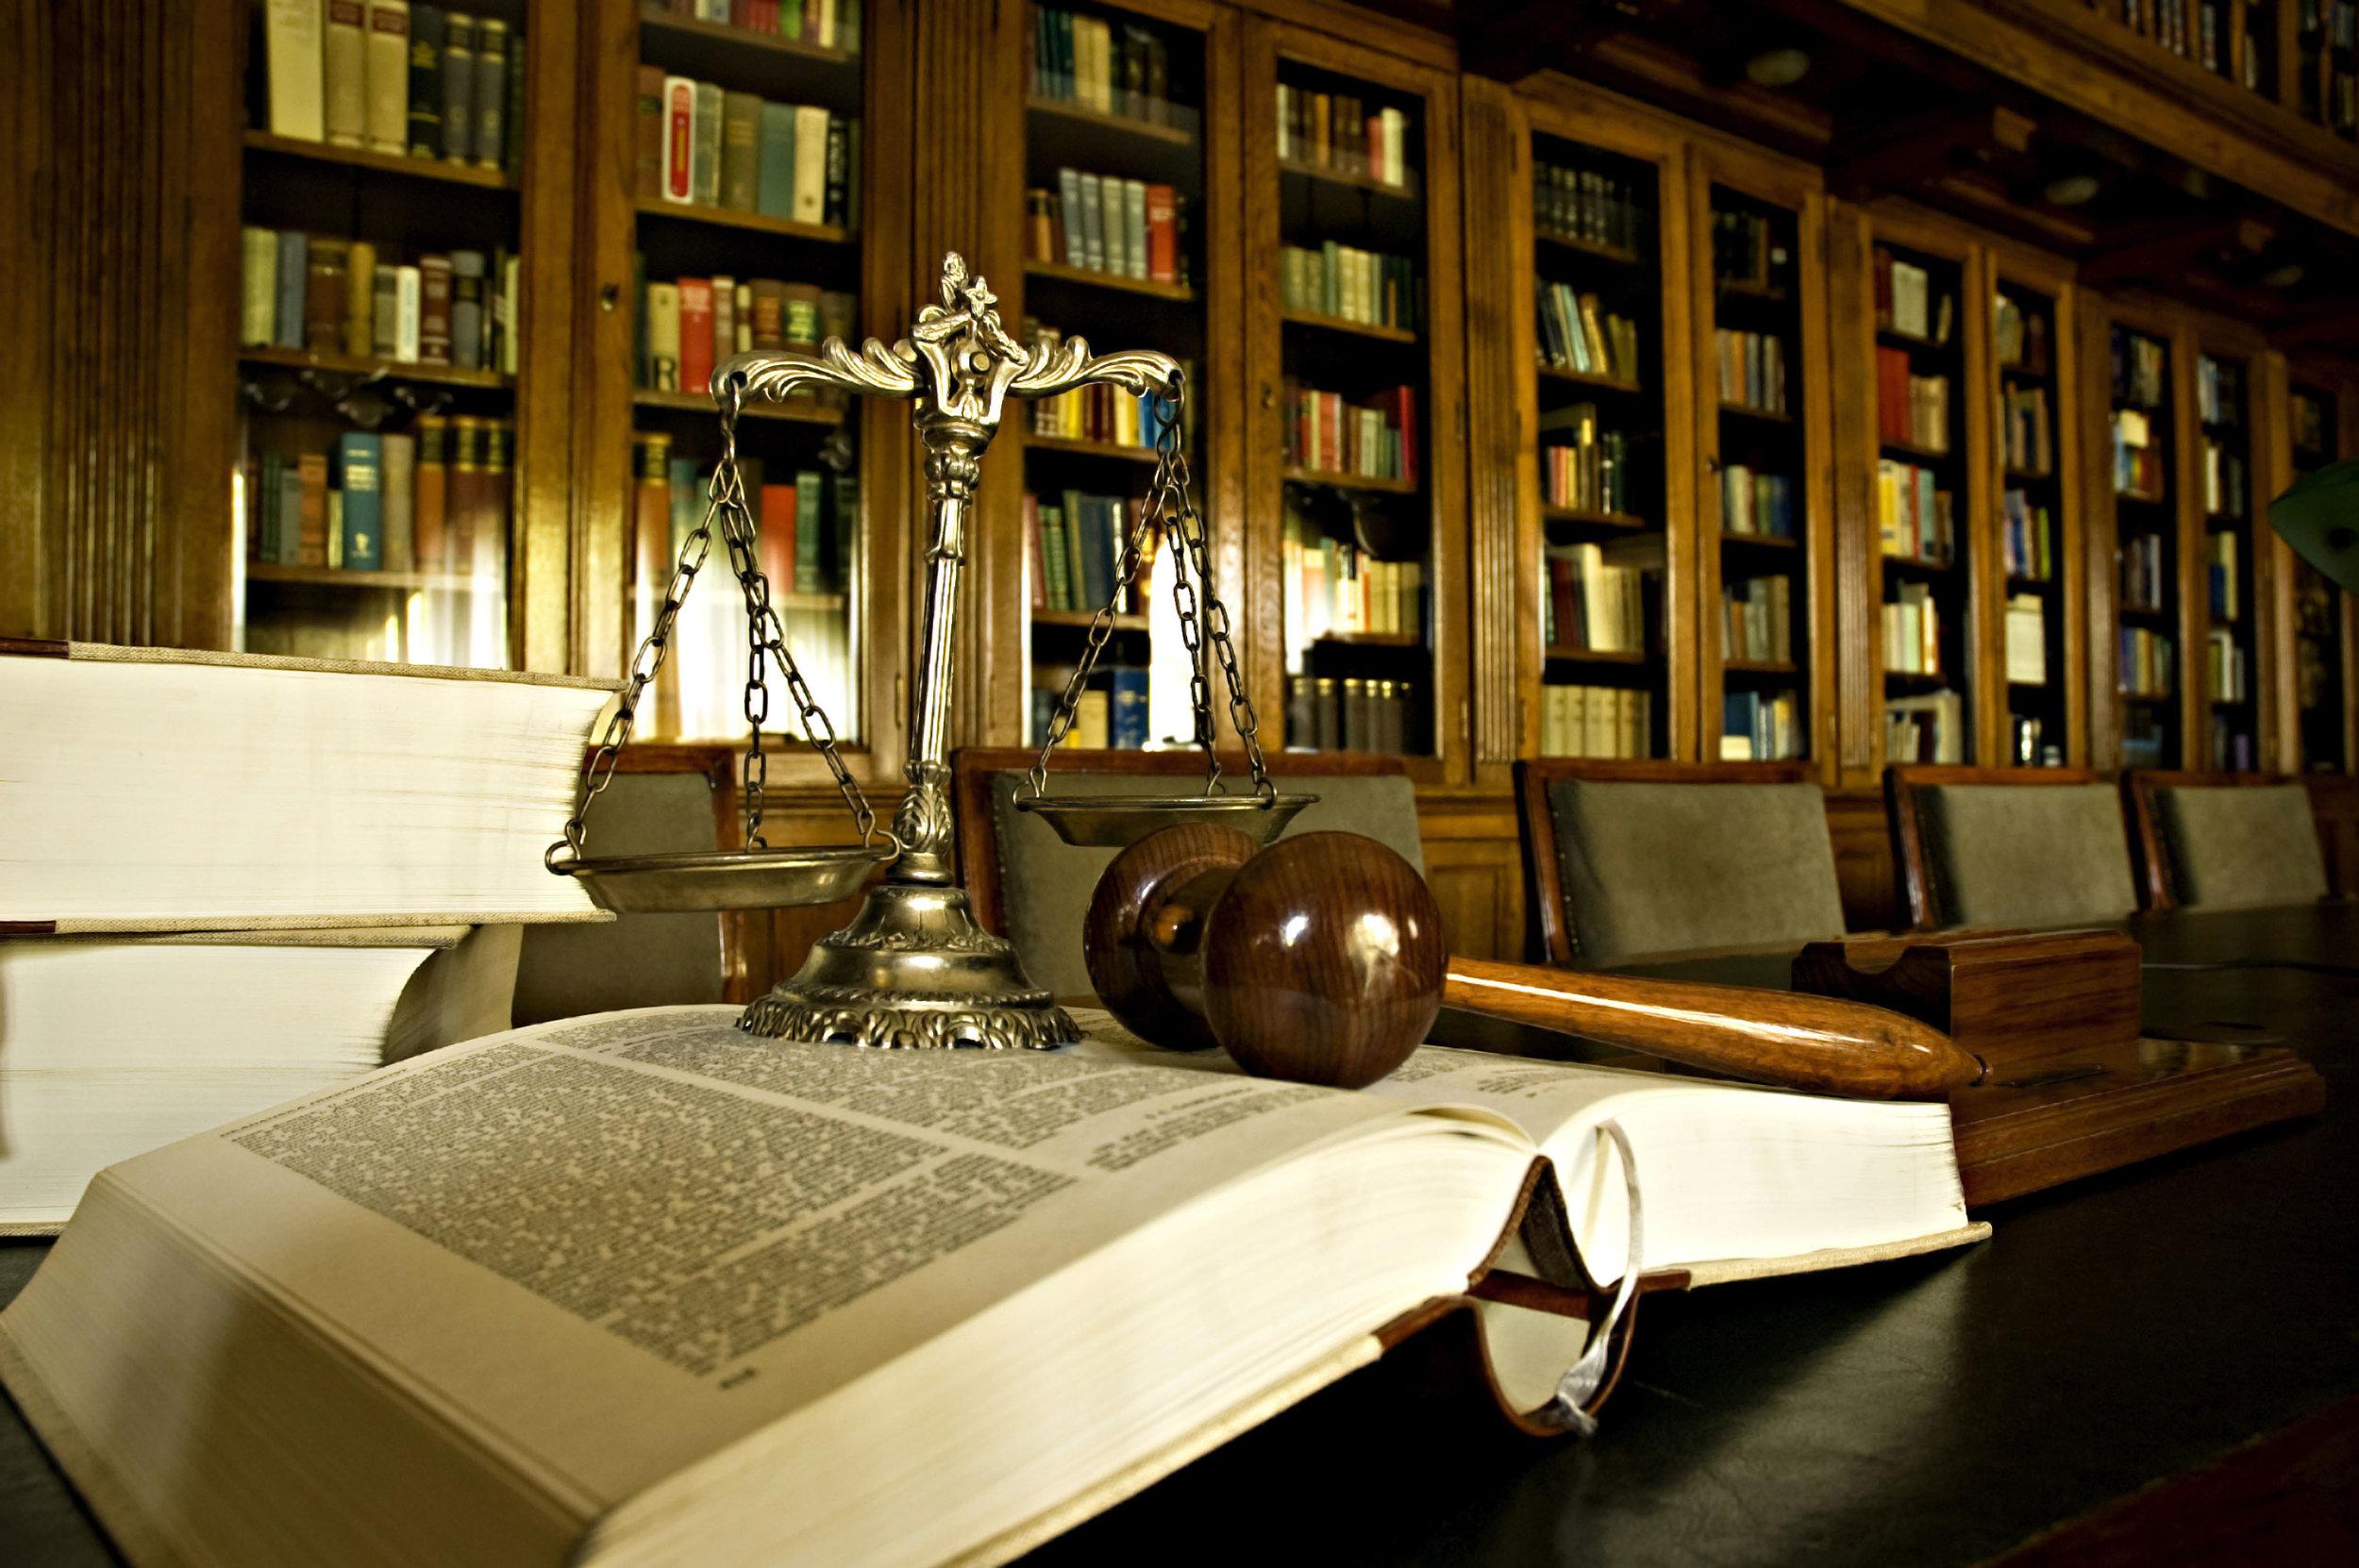 shutterstock_legal-library.jpg